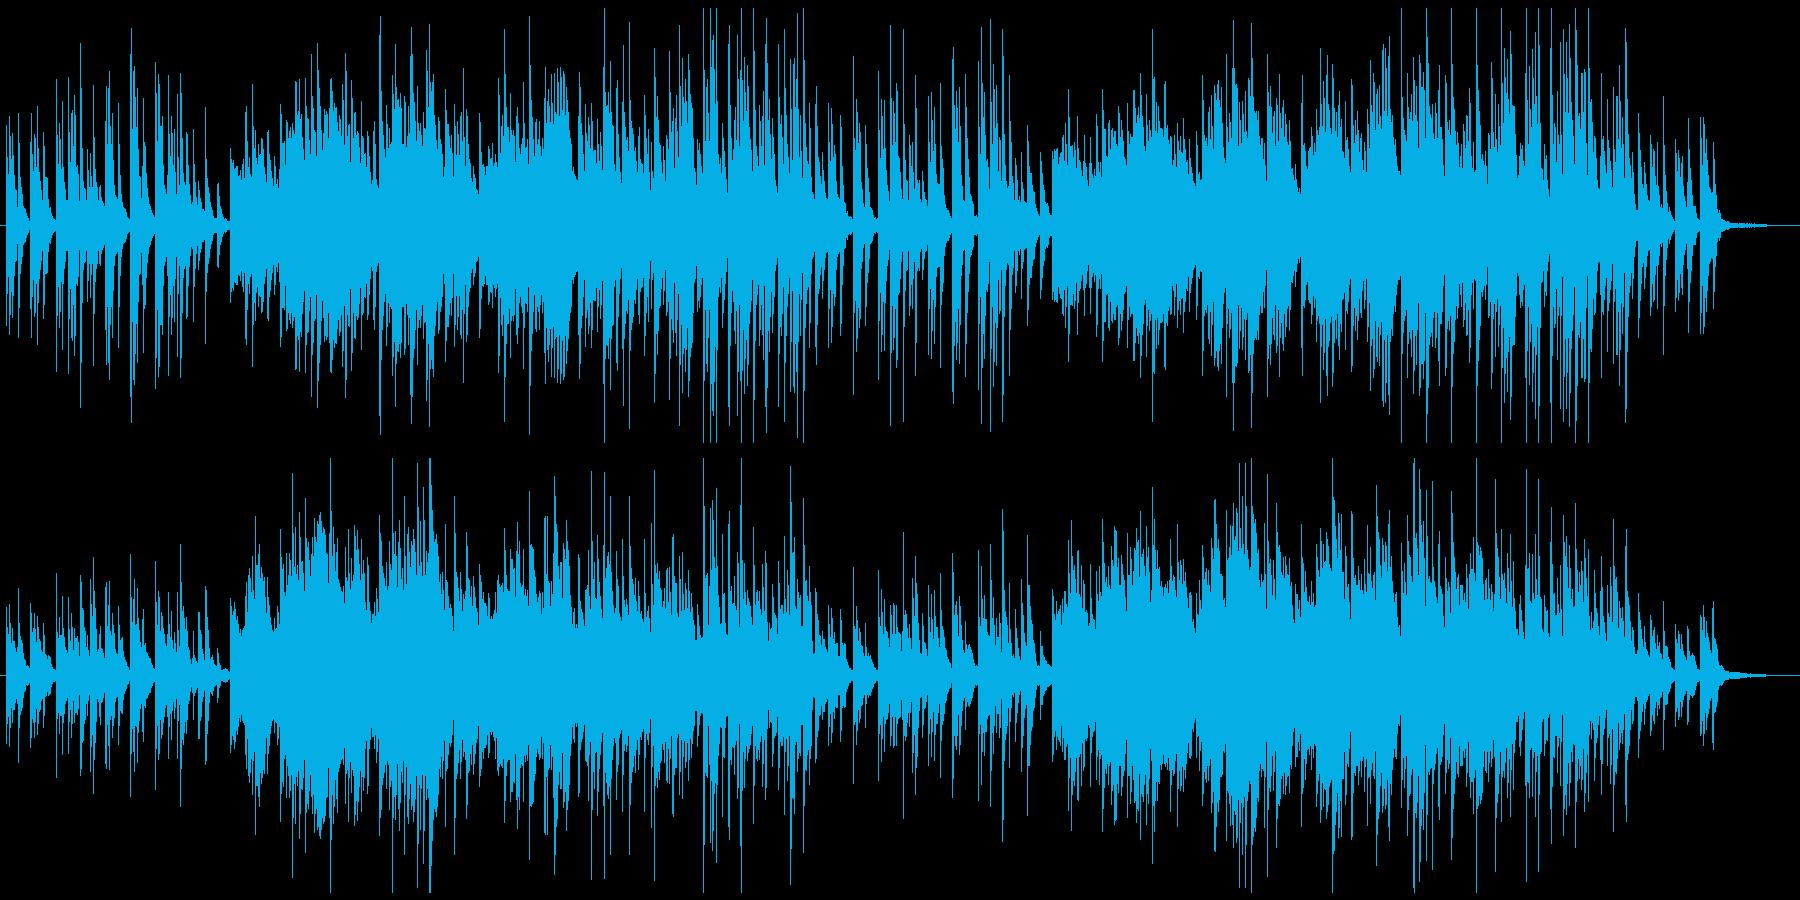 切なくも明るいピアノソロ曲の再生済みの波形